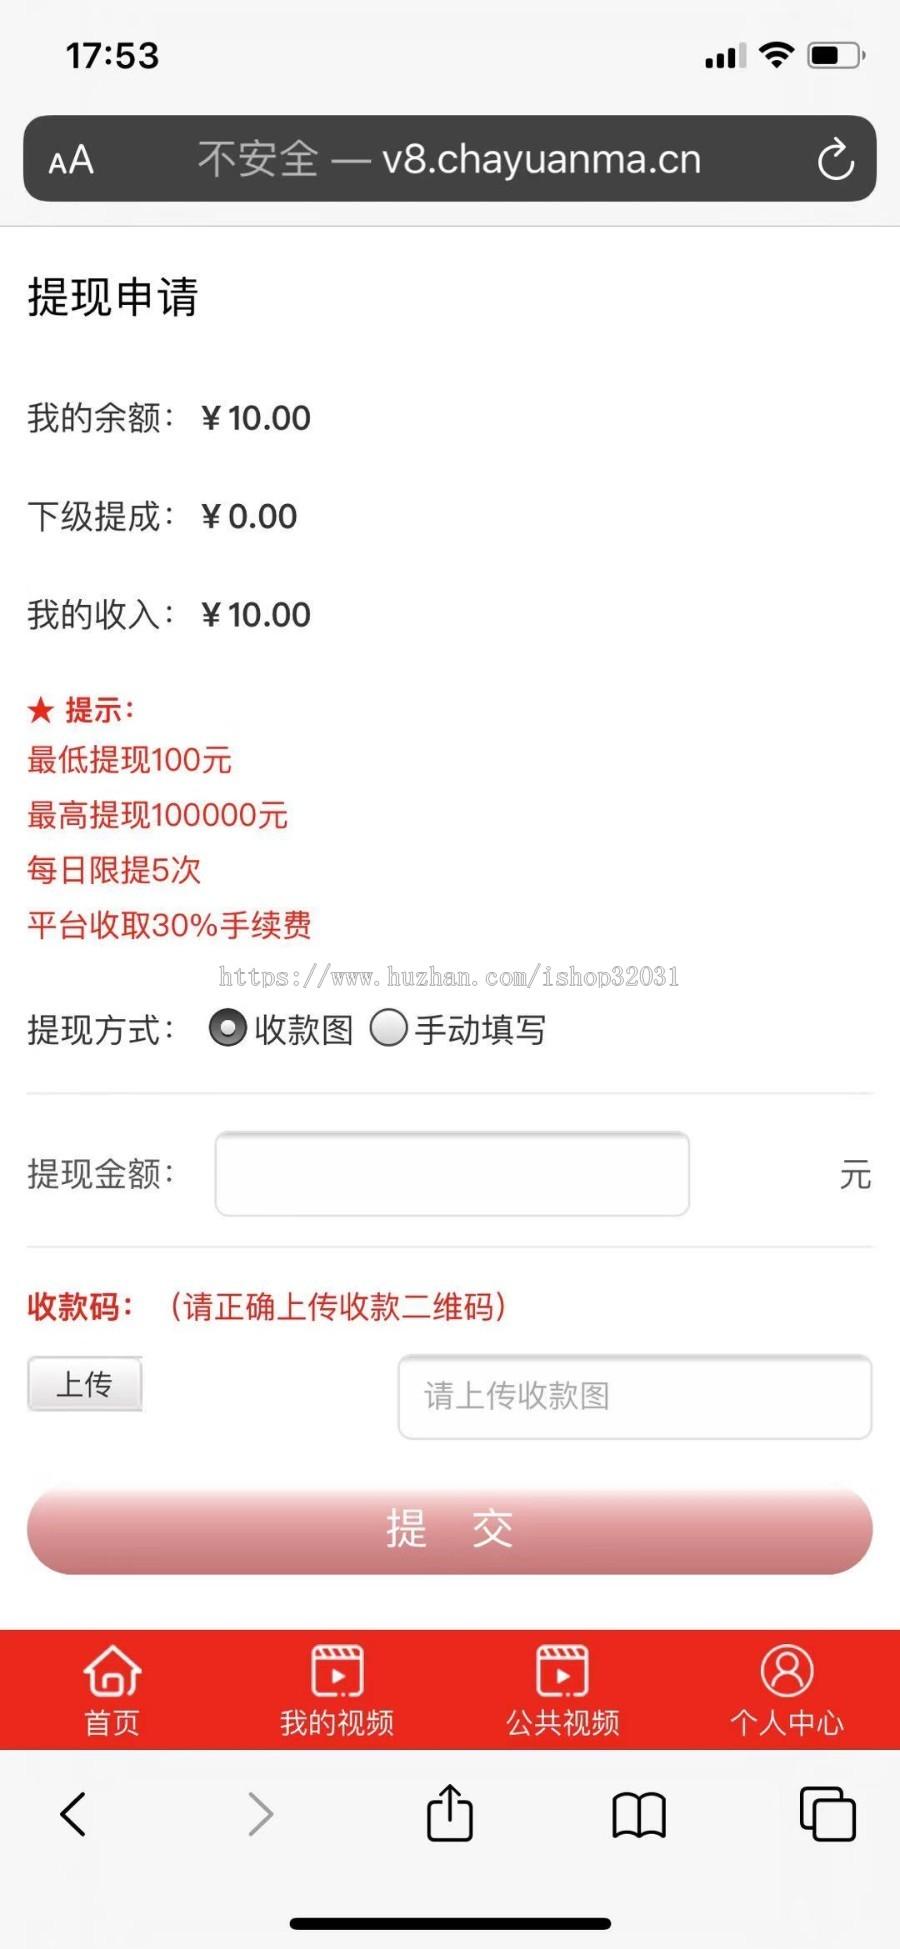 2019云赏V8.1酒馆打样子弹上膛视频付费打赏源码新版视频打赏系统源码平台